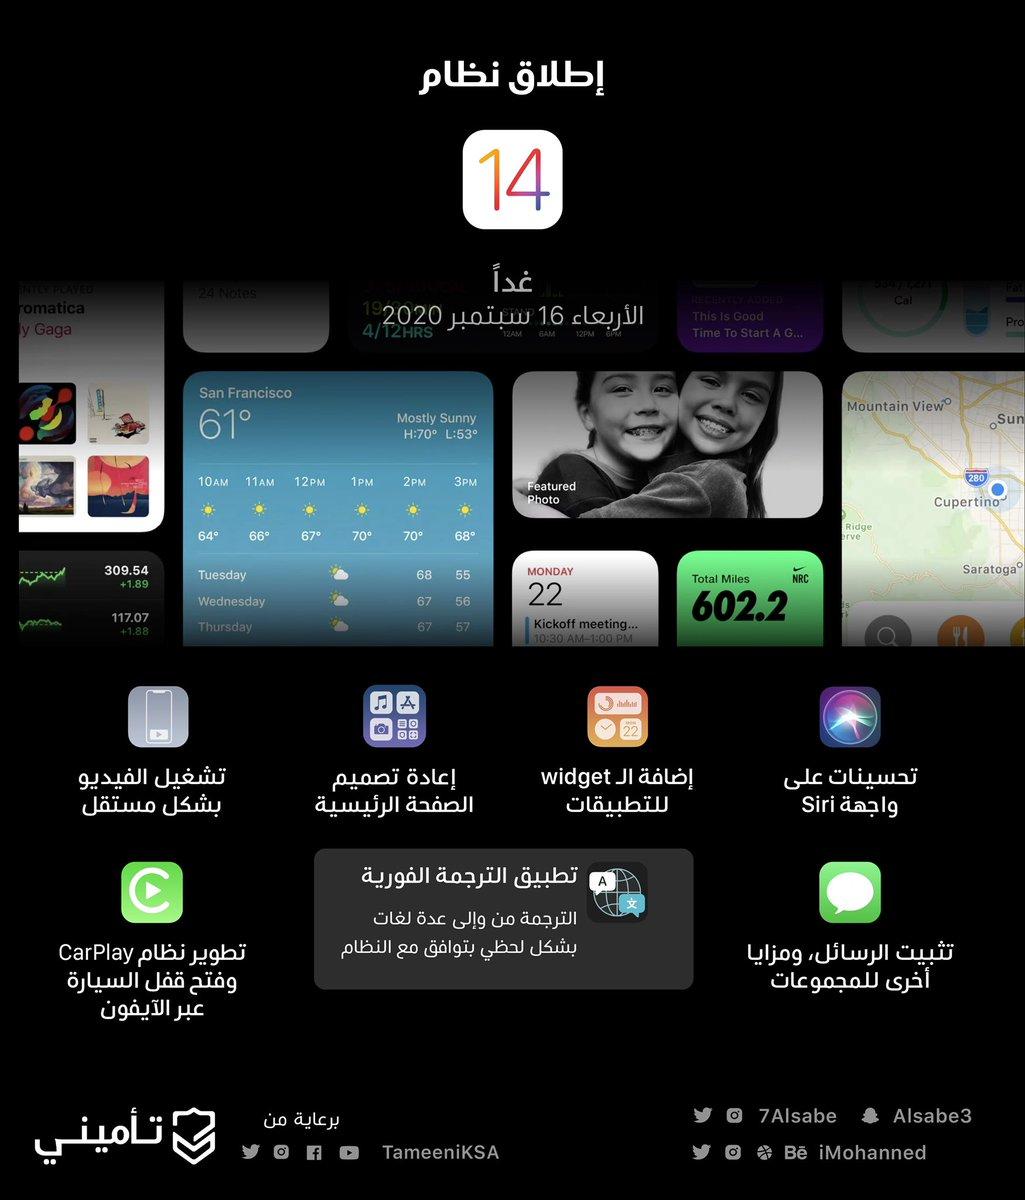 بشكل رسمي بكرة راح يتم إطلاق نظام iOS14 وأيضا iPad Os وهذي أهم المميزات في النظام النظام الجديد #ايفون #ايباد #مؤتمر_آبل https://t.co/ZS27Grqp1v